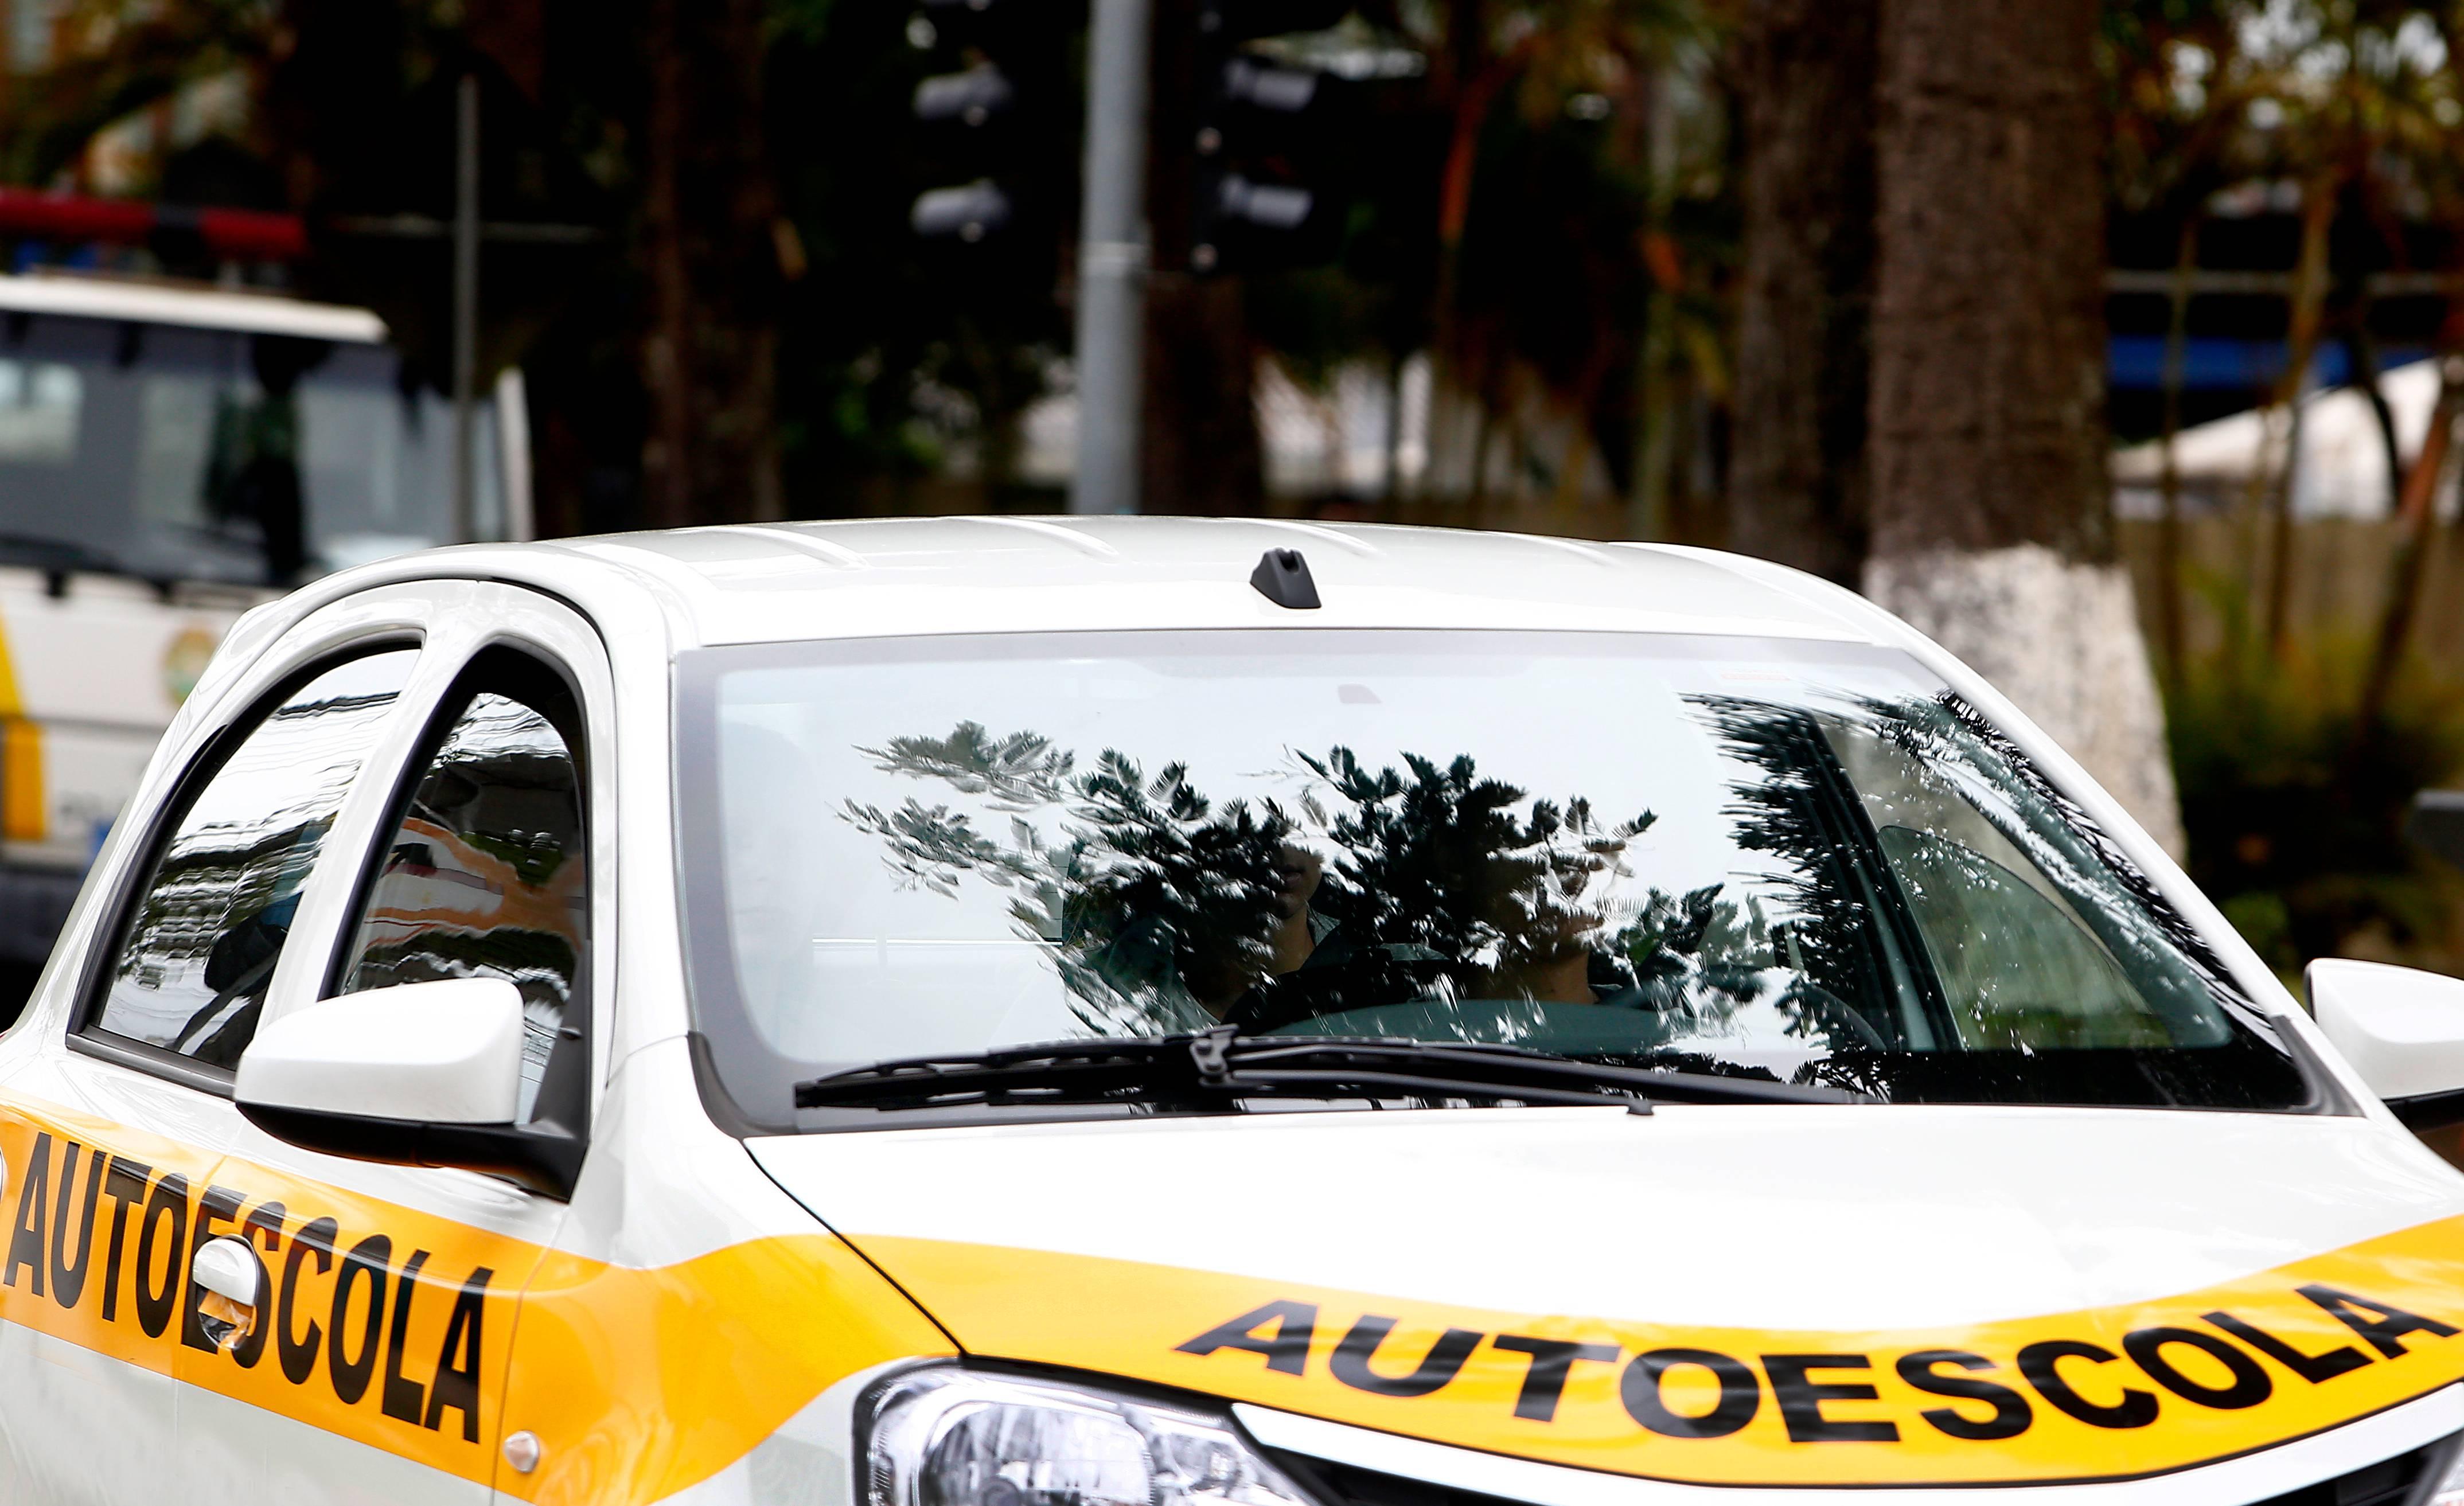 Foto: Gazeta do Povo/ Arquivo